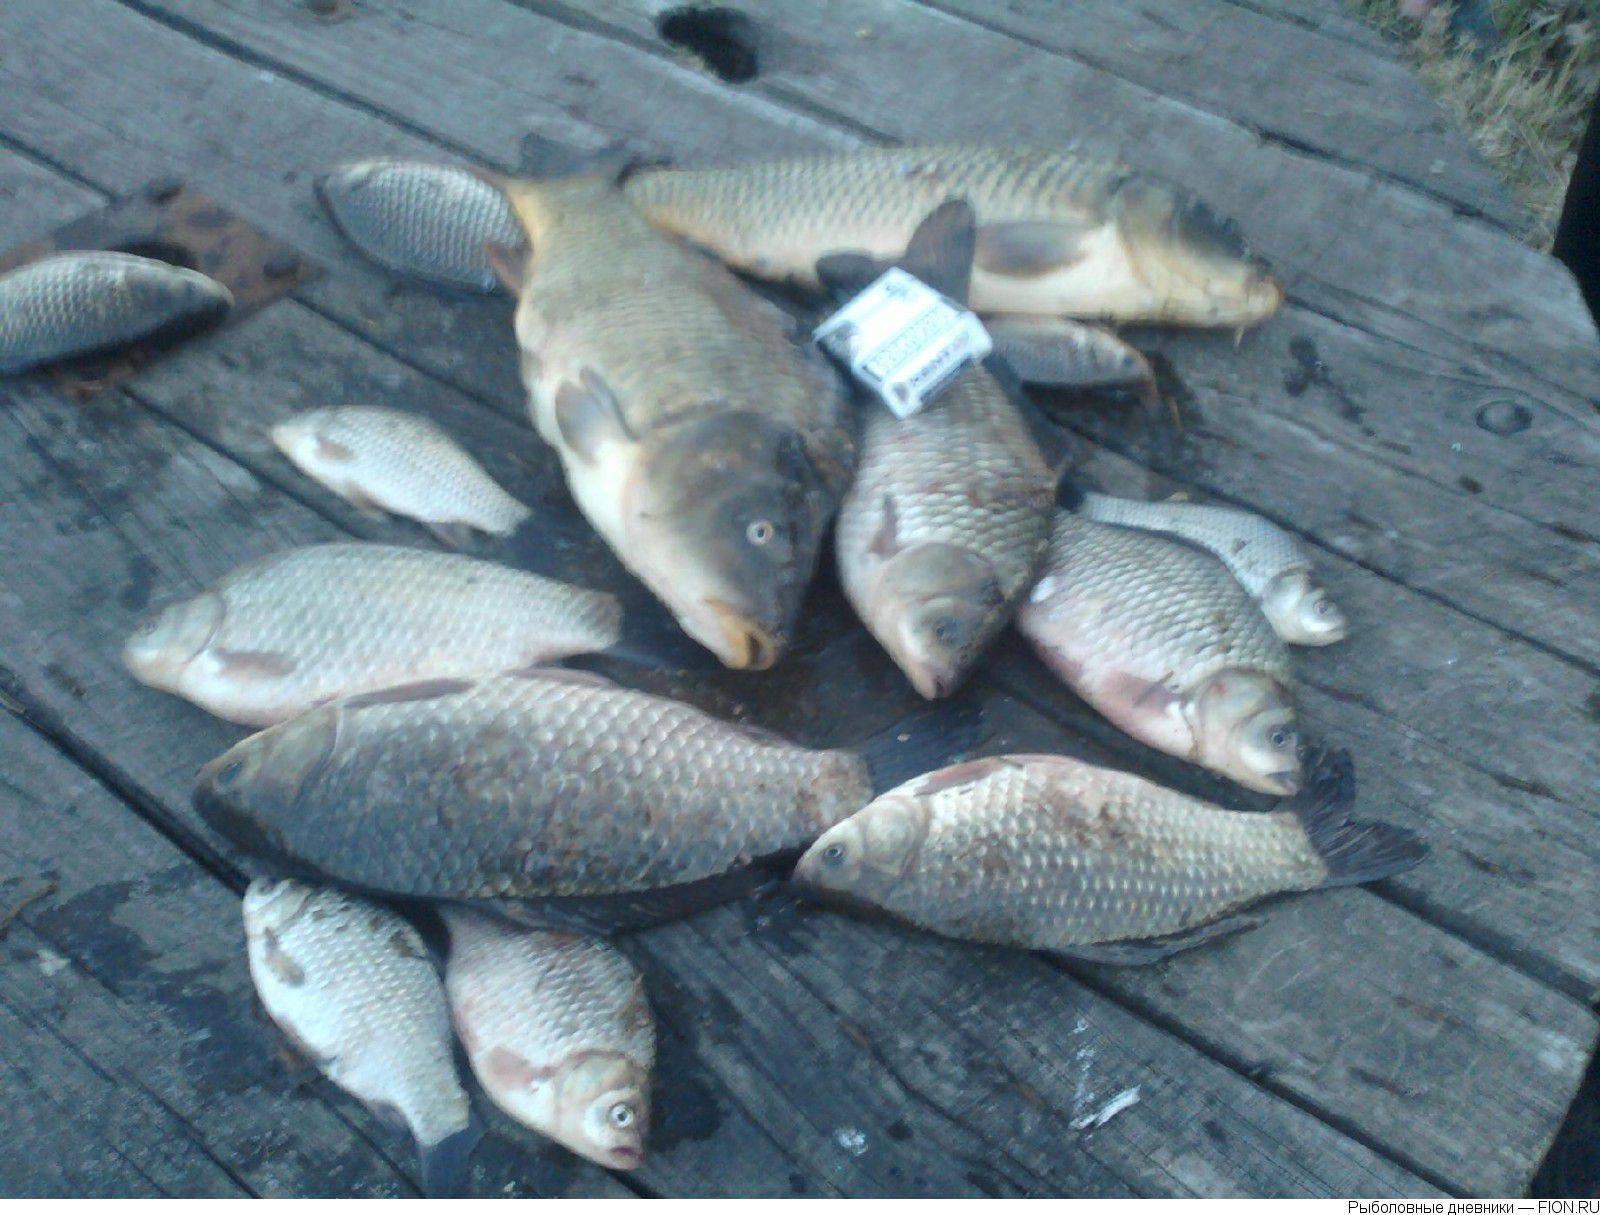 Рыбалка в бисерово: схема бисеровских озер, места для бесплатной и платной ловли